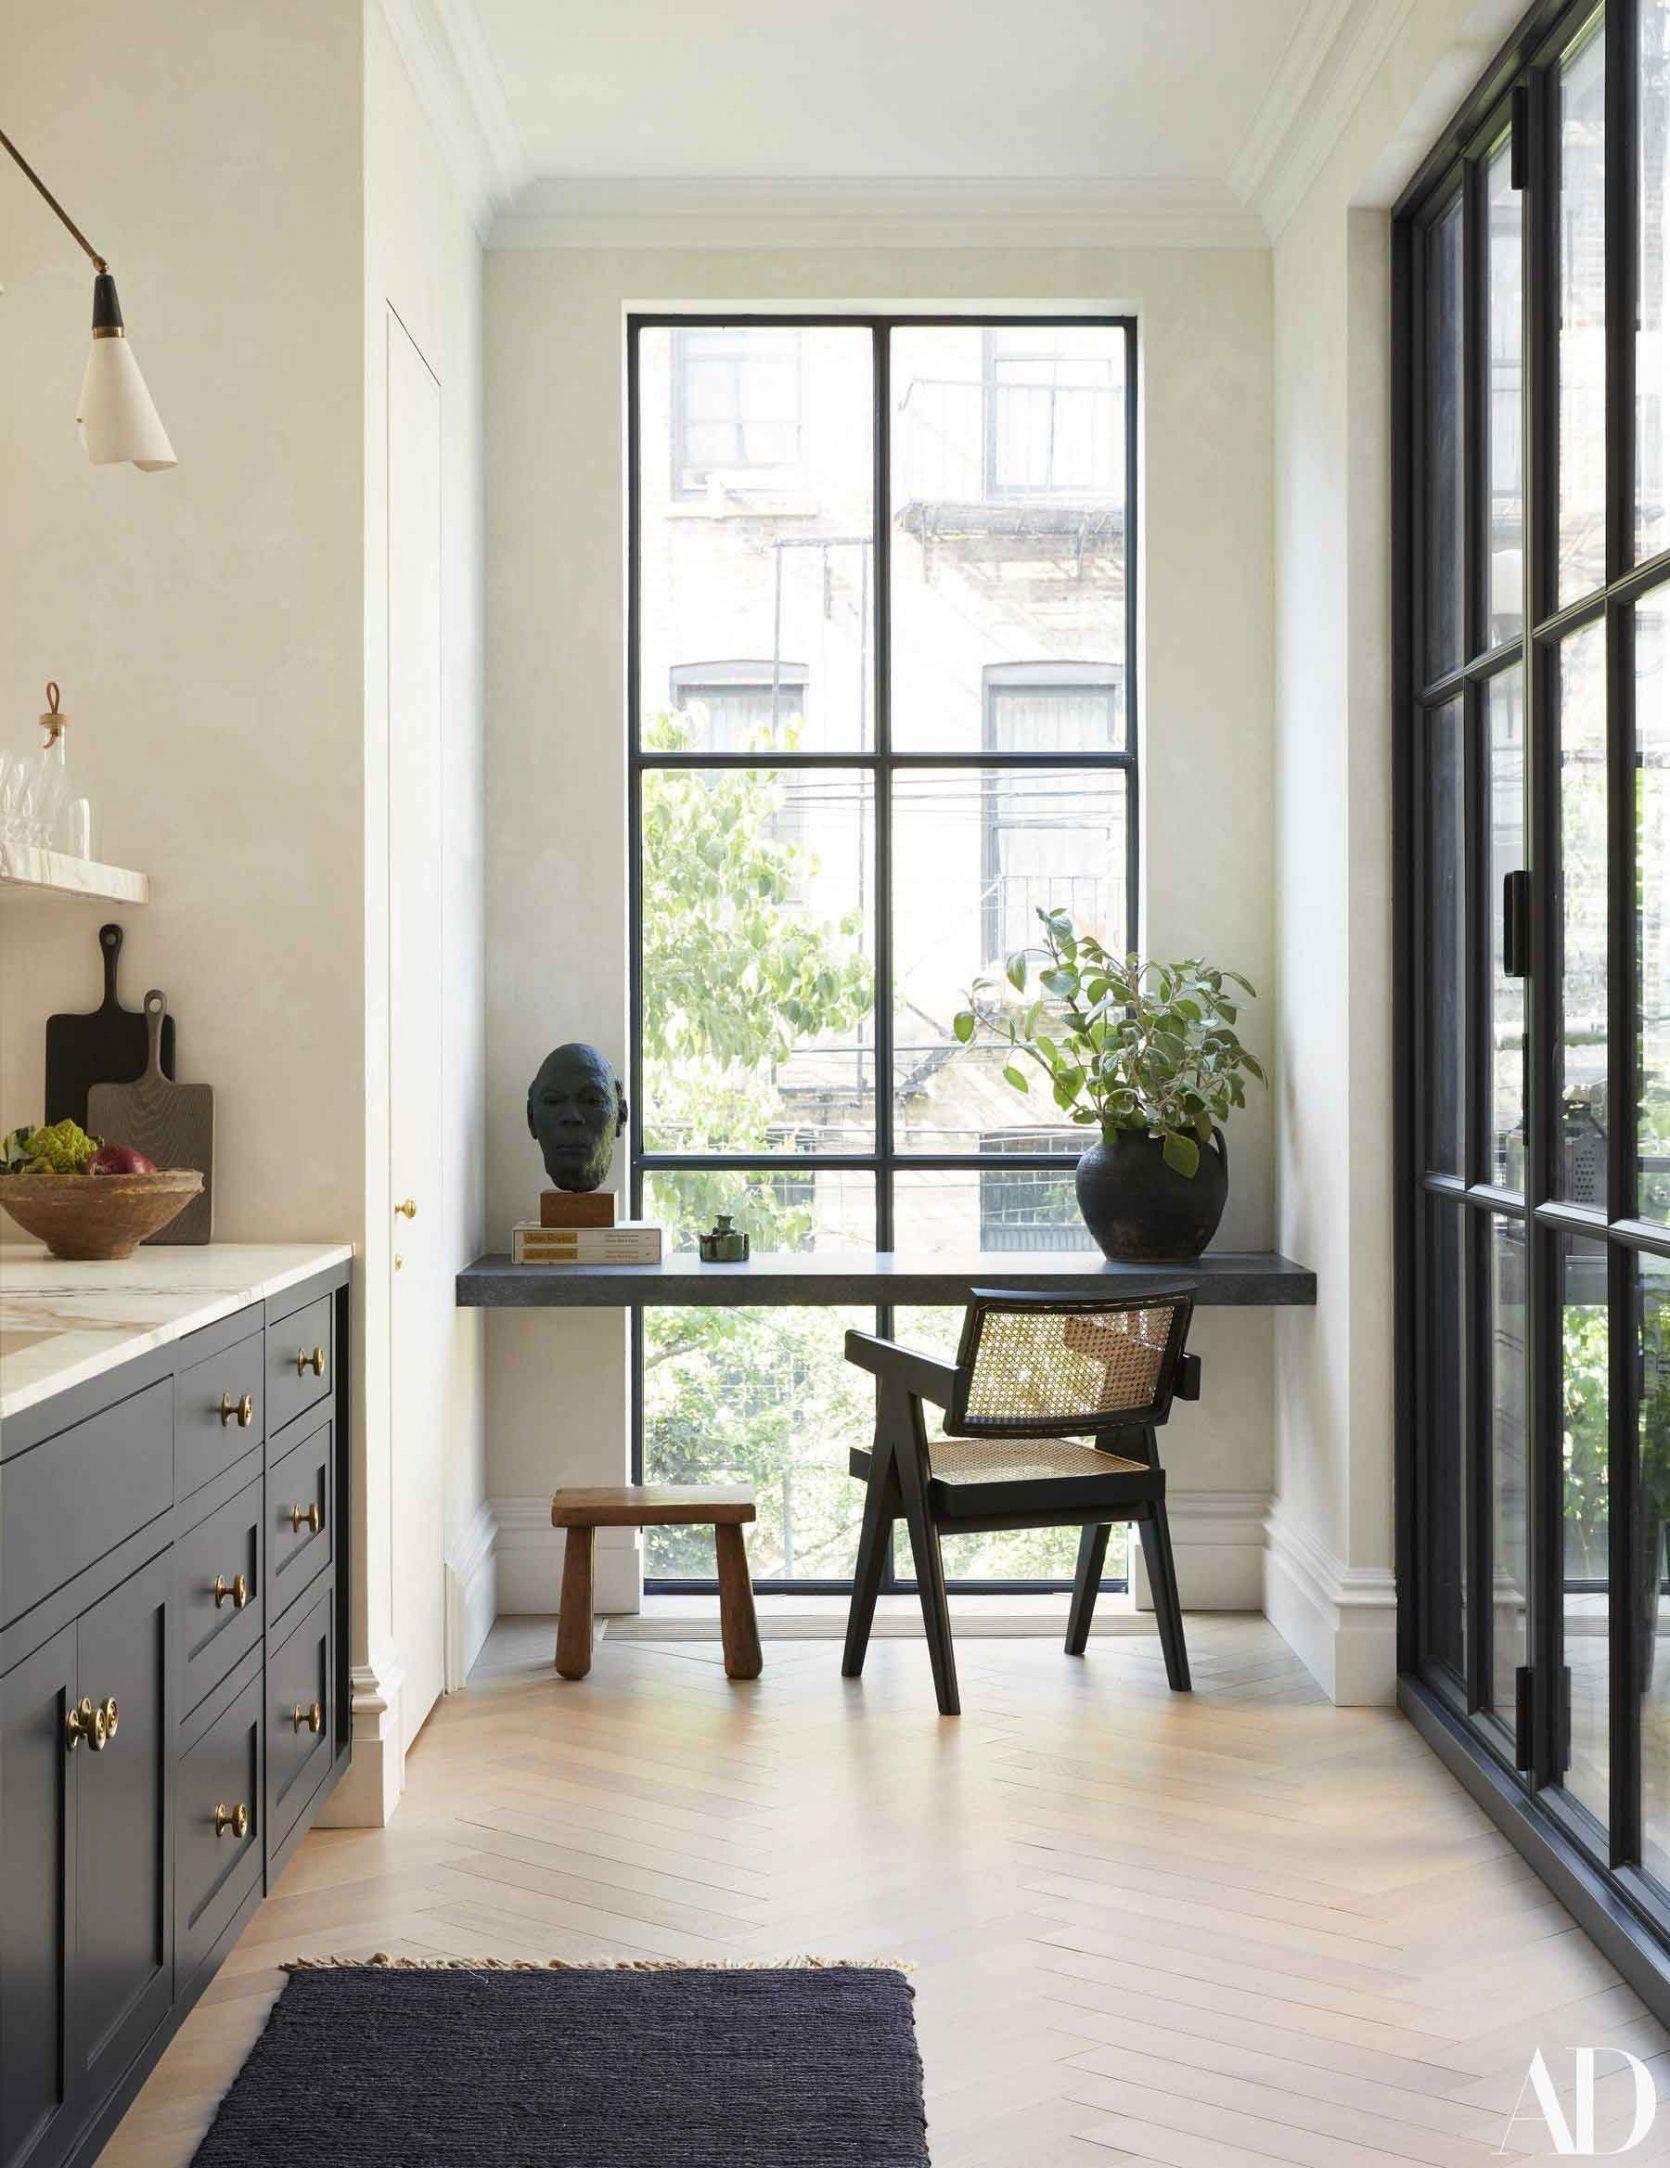 Shop The Look Luxurious Parisienne Apartment